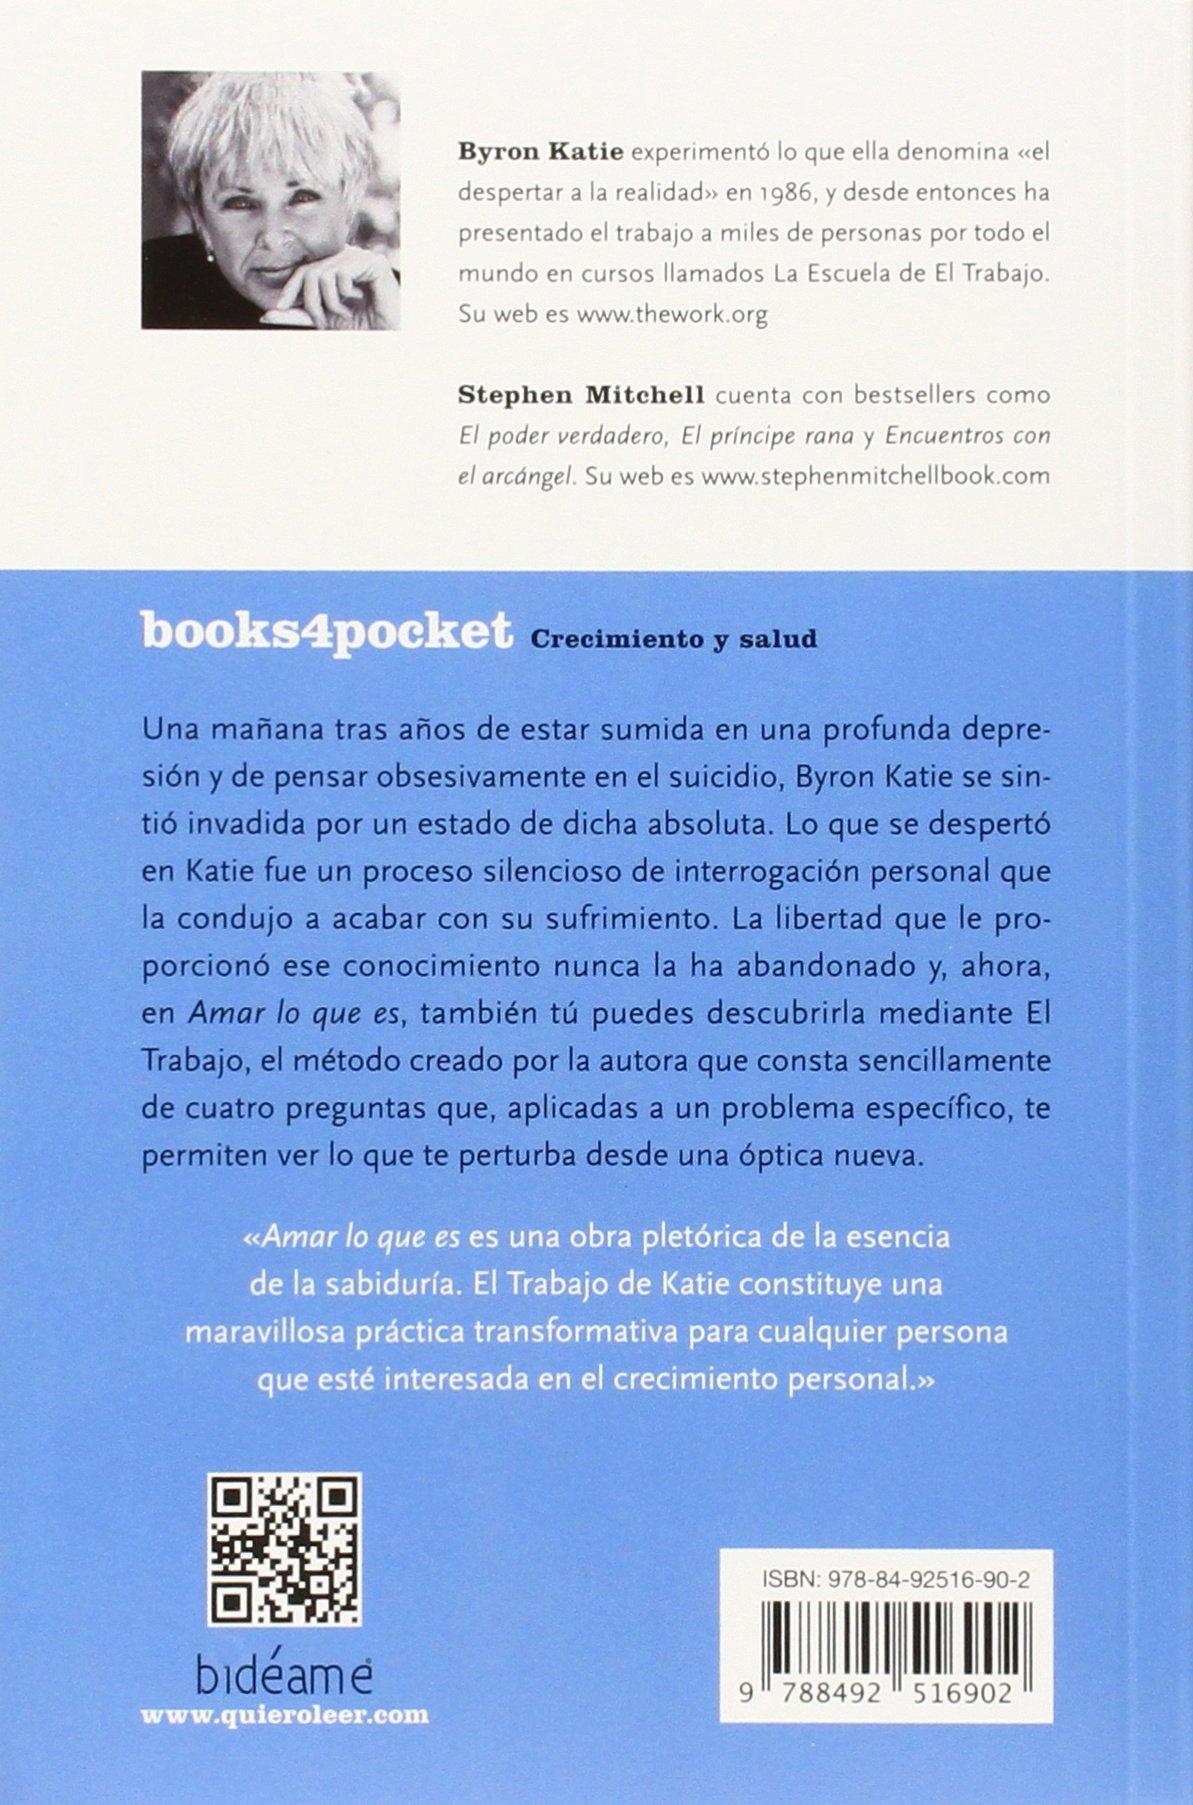 Amar lo que es (Spanish Edition): Byron Katie: 9788492516902: Amazon ...